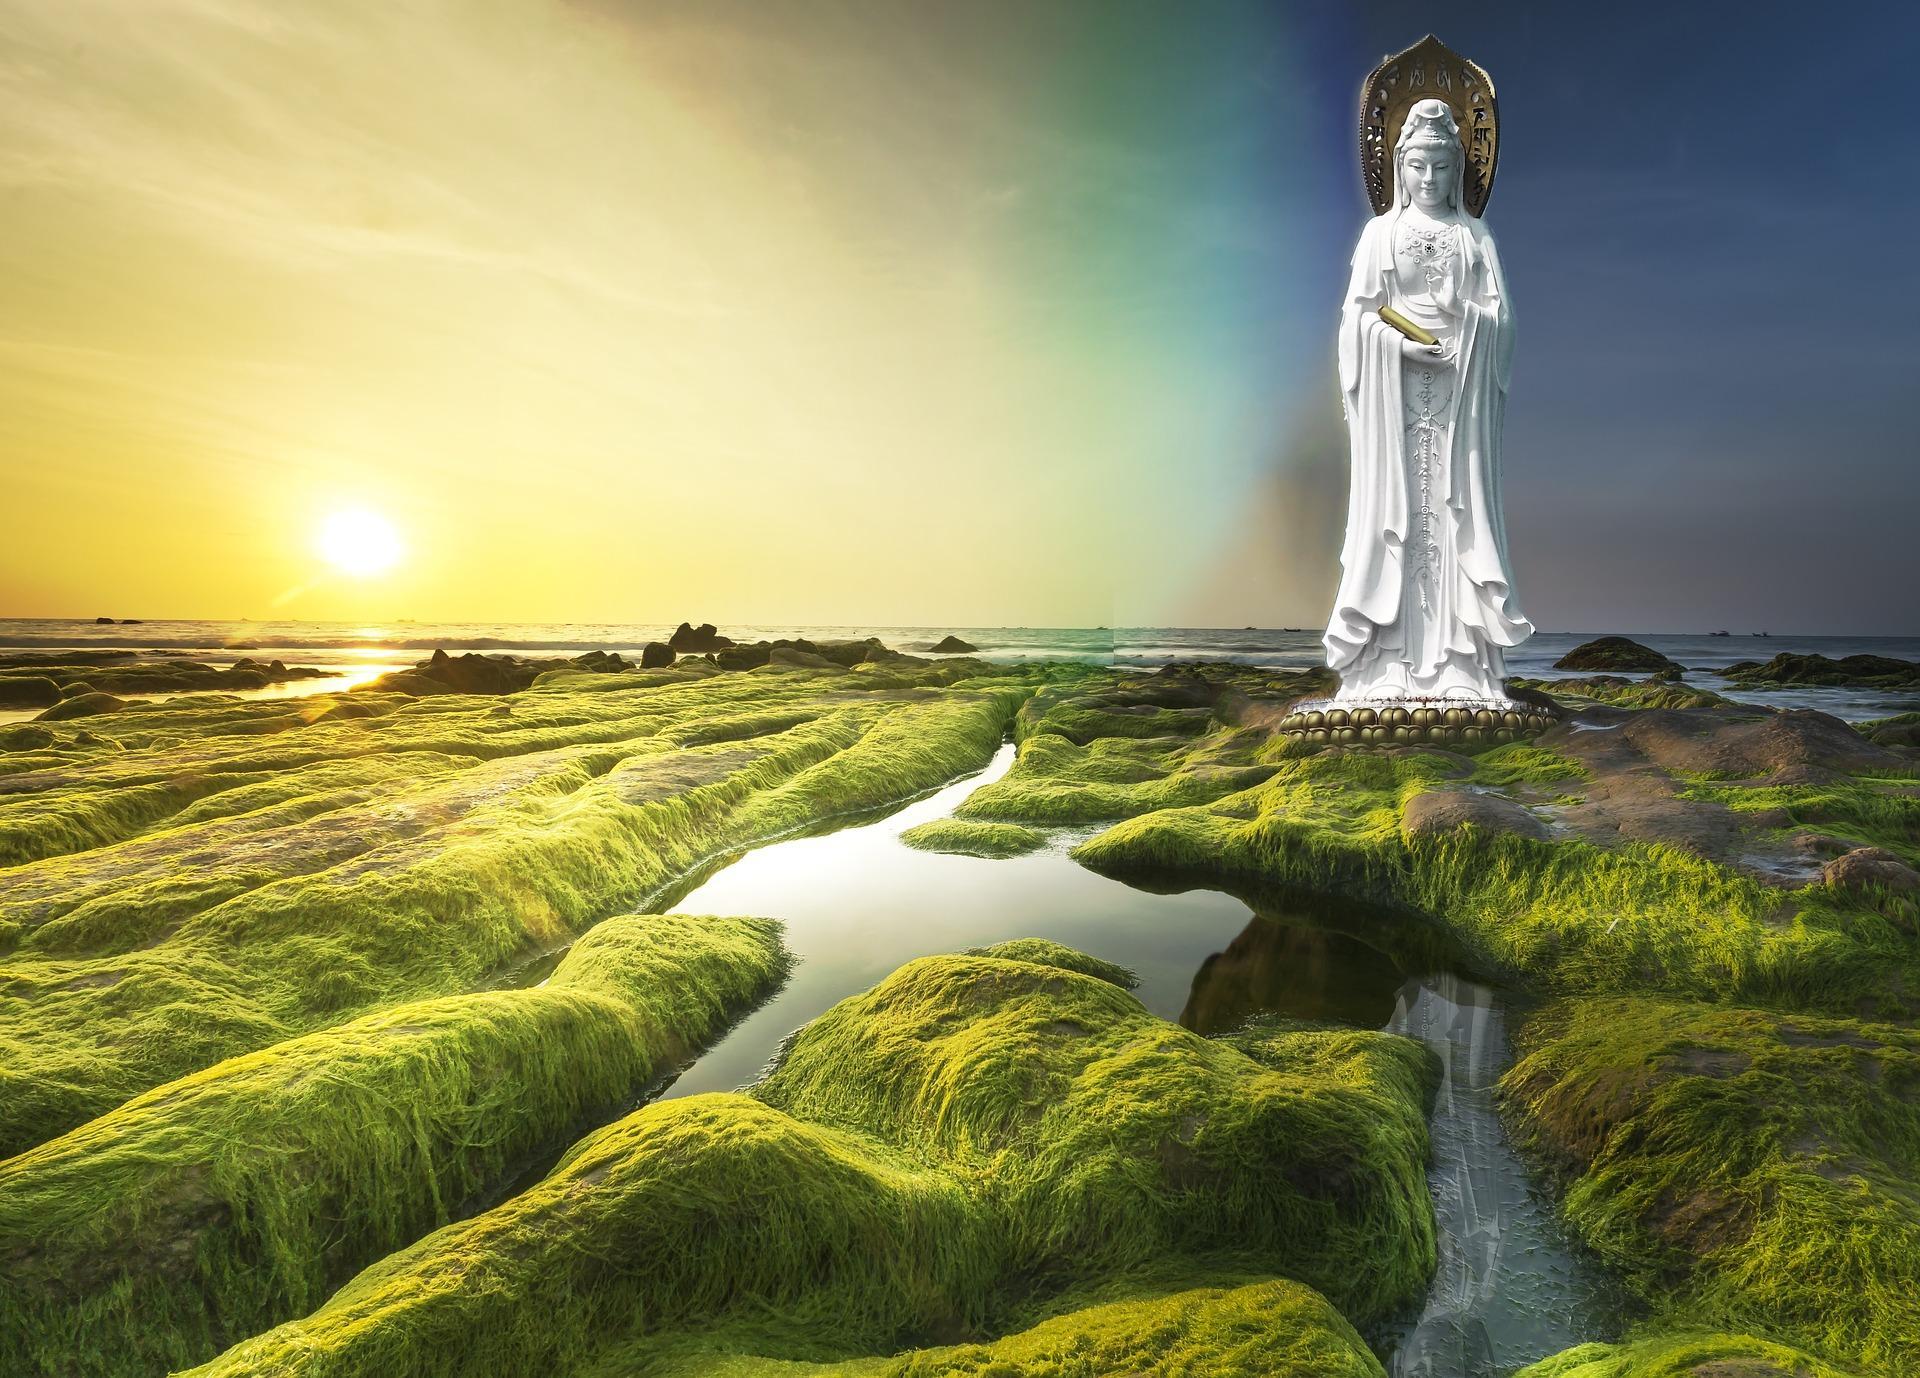 Mededogen en altruïsme brengen rust en vrede in je geest